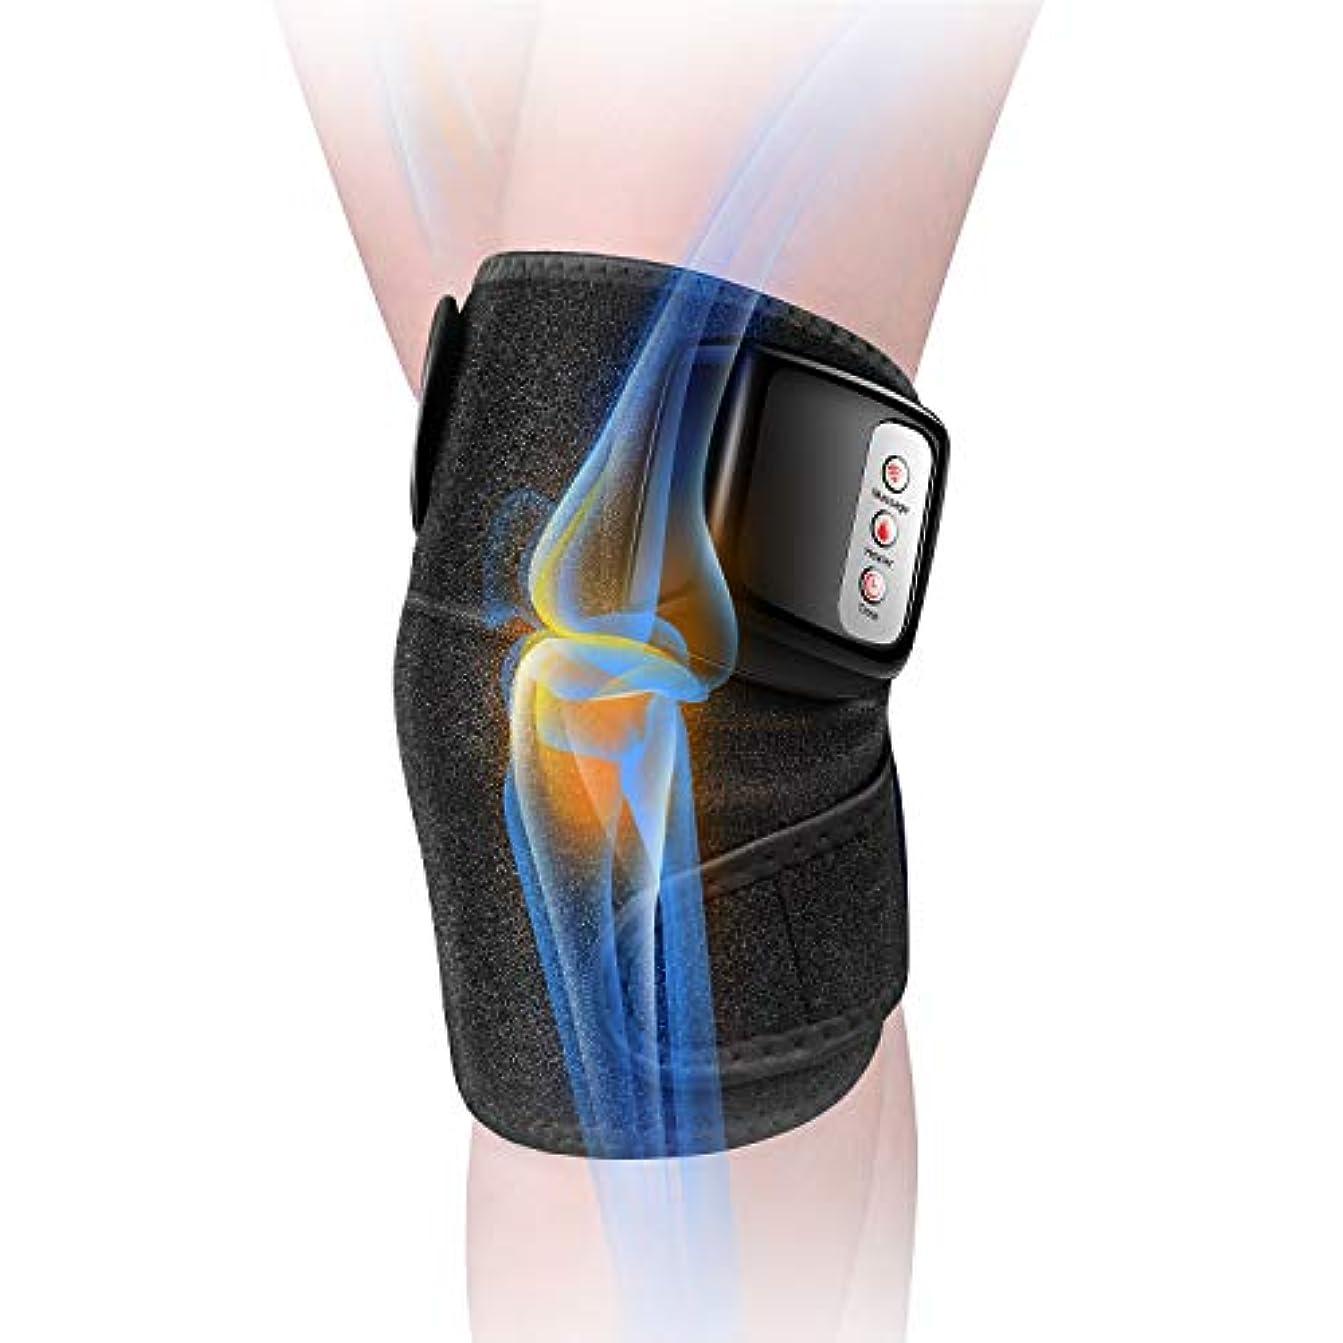 虫を数えるベジタリアンタイピスト膝マッサージャー 関節マッサージャー マッサージ器 フットマッサージャー 振動 赤外線療法 温熱療法 膝サポーター ストレス解消 肩 太もも/腕対応